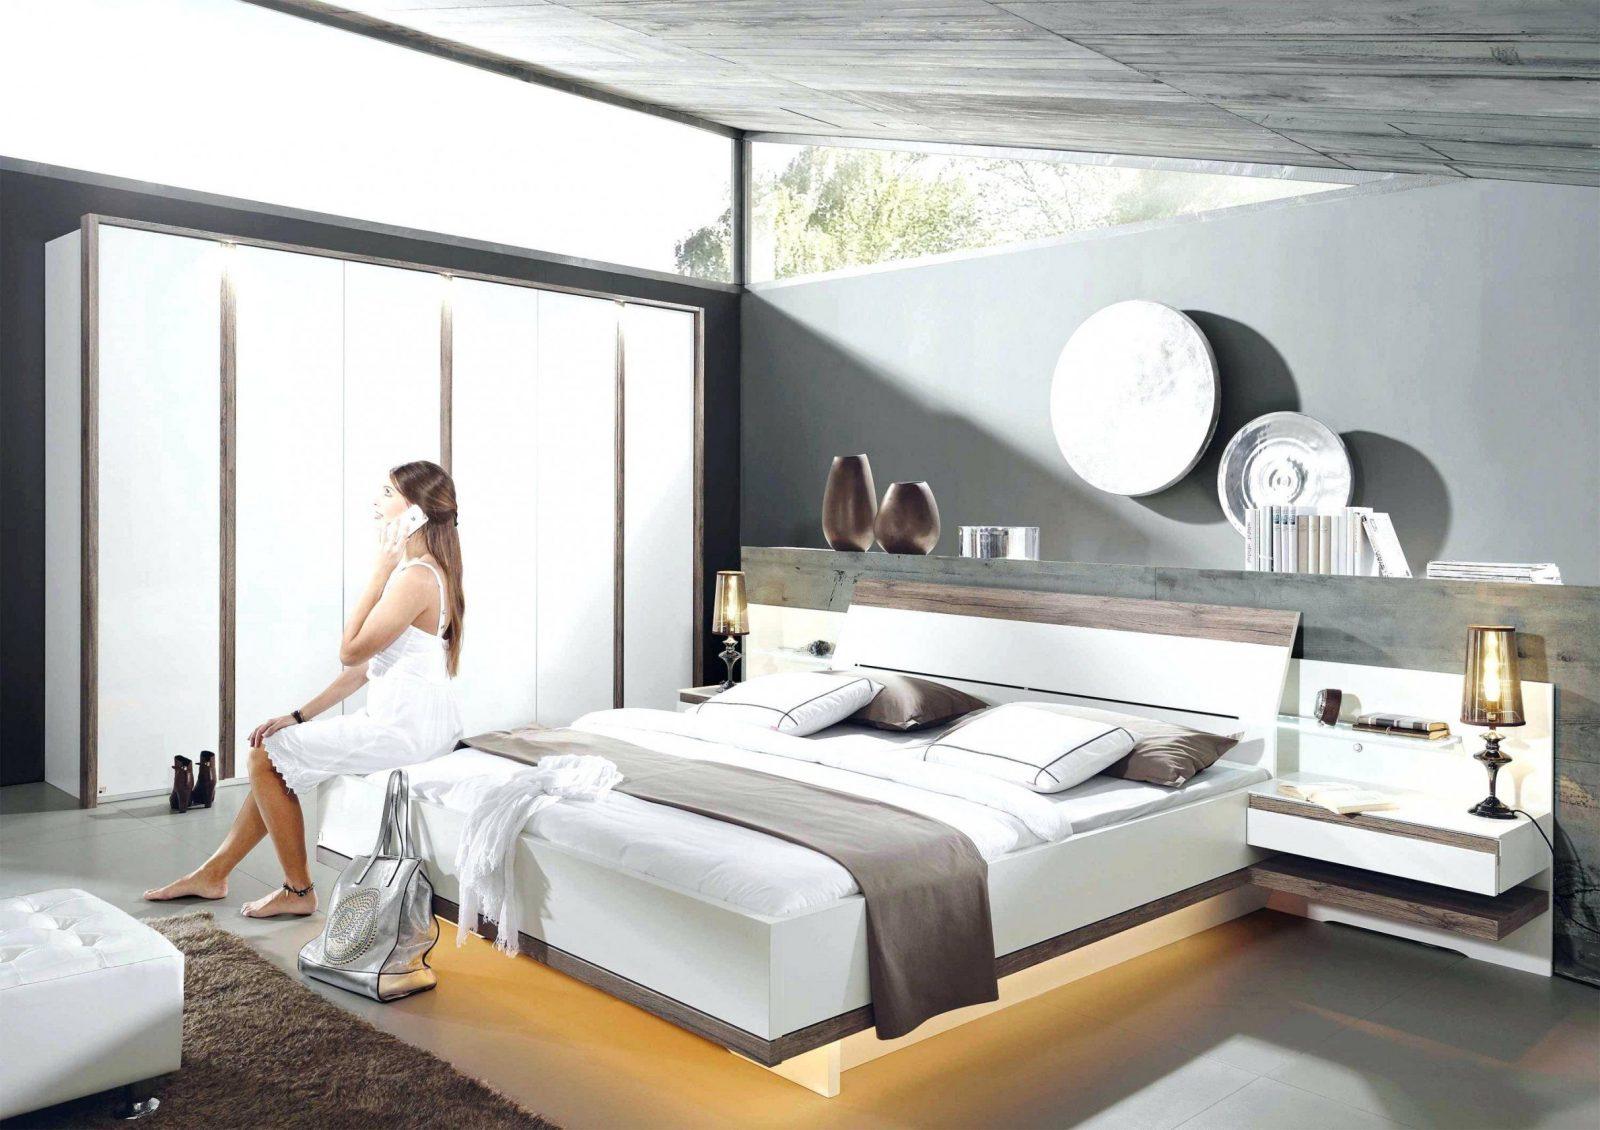 Wohnideen  Bett Im Wohnzimmer Ideen Mit Frisch Designer Bett Holz von Bett Im Wohnzimmer Ideen Bild